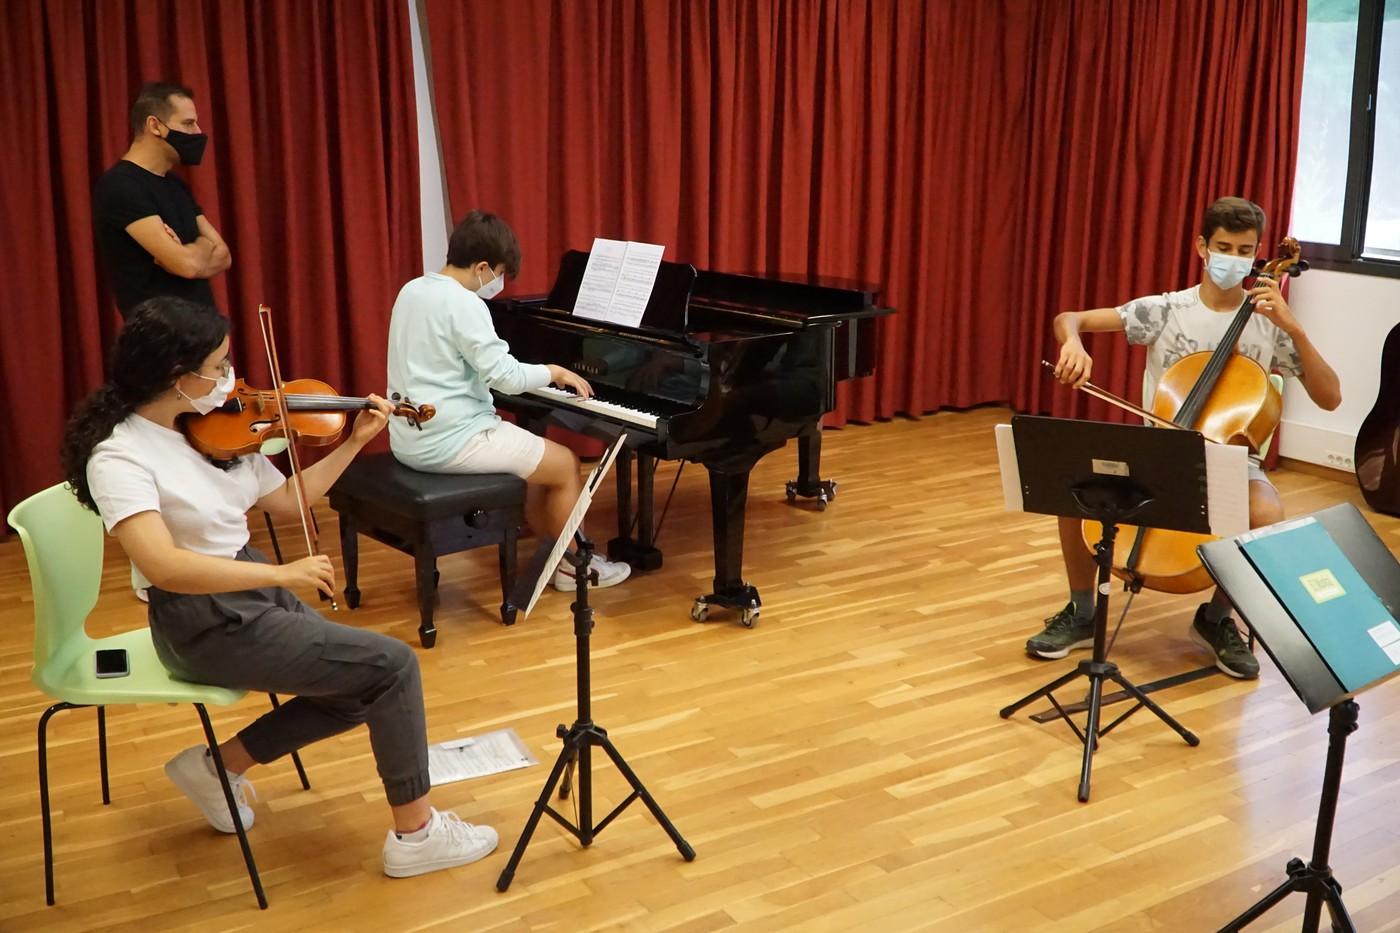 Alumnes d'El Musical, preparant les actuacions | El Musical